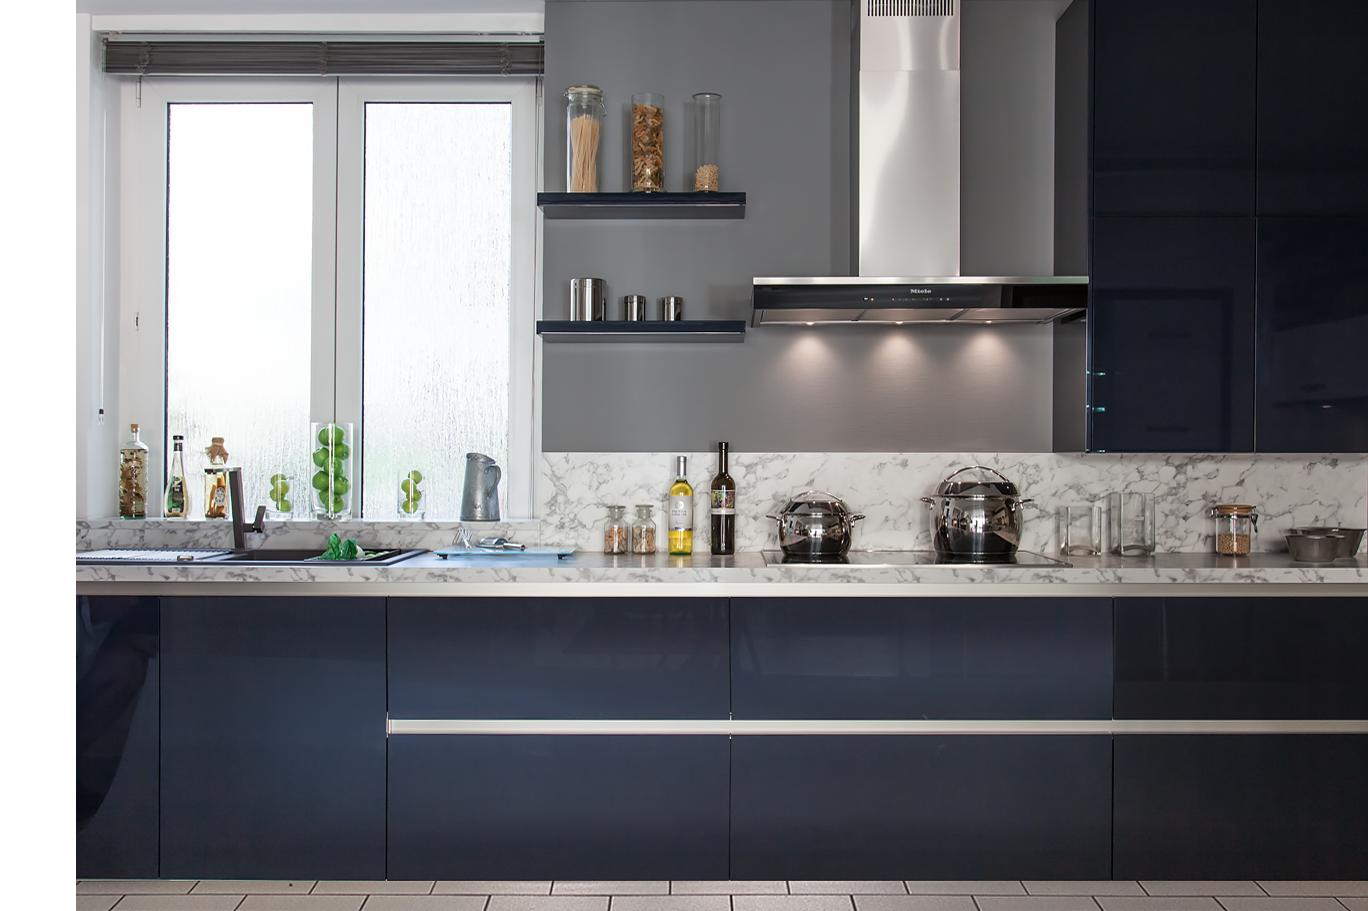 Groß 50 S 60 S Küchen Galerie - Küchen Design Ideen - vietnamdep.info